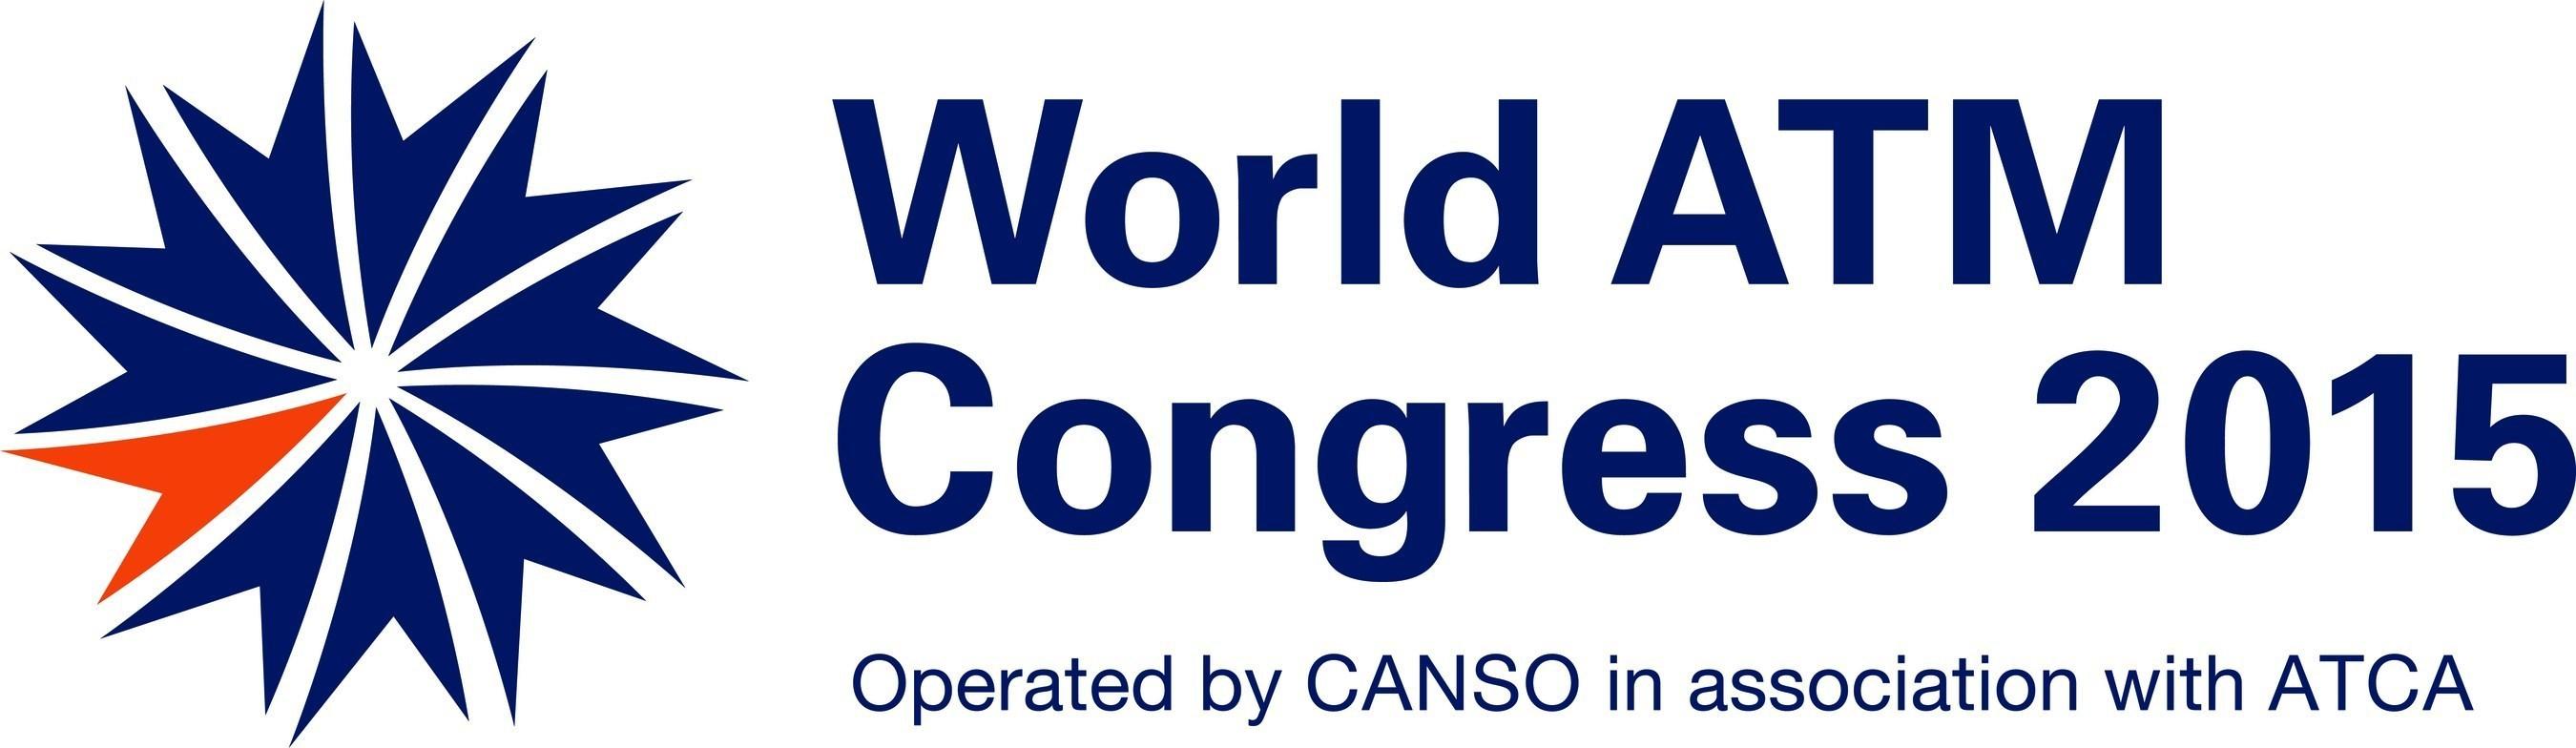 Het World ATM Congress sluit af met een recordaantal bezoekers